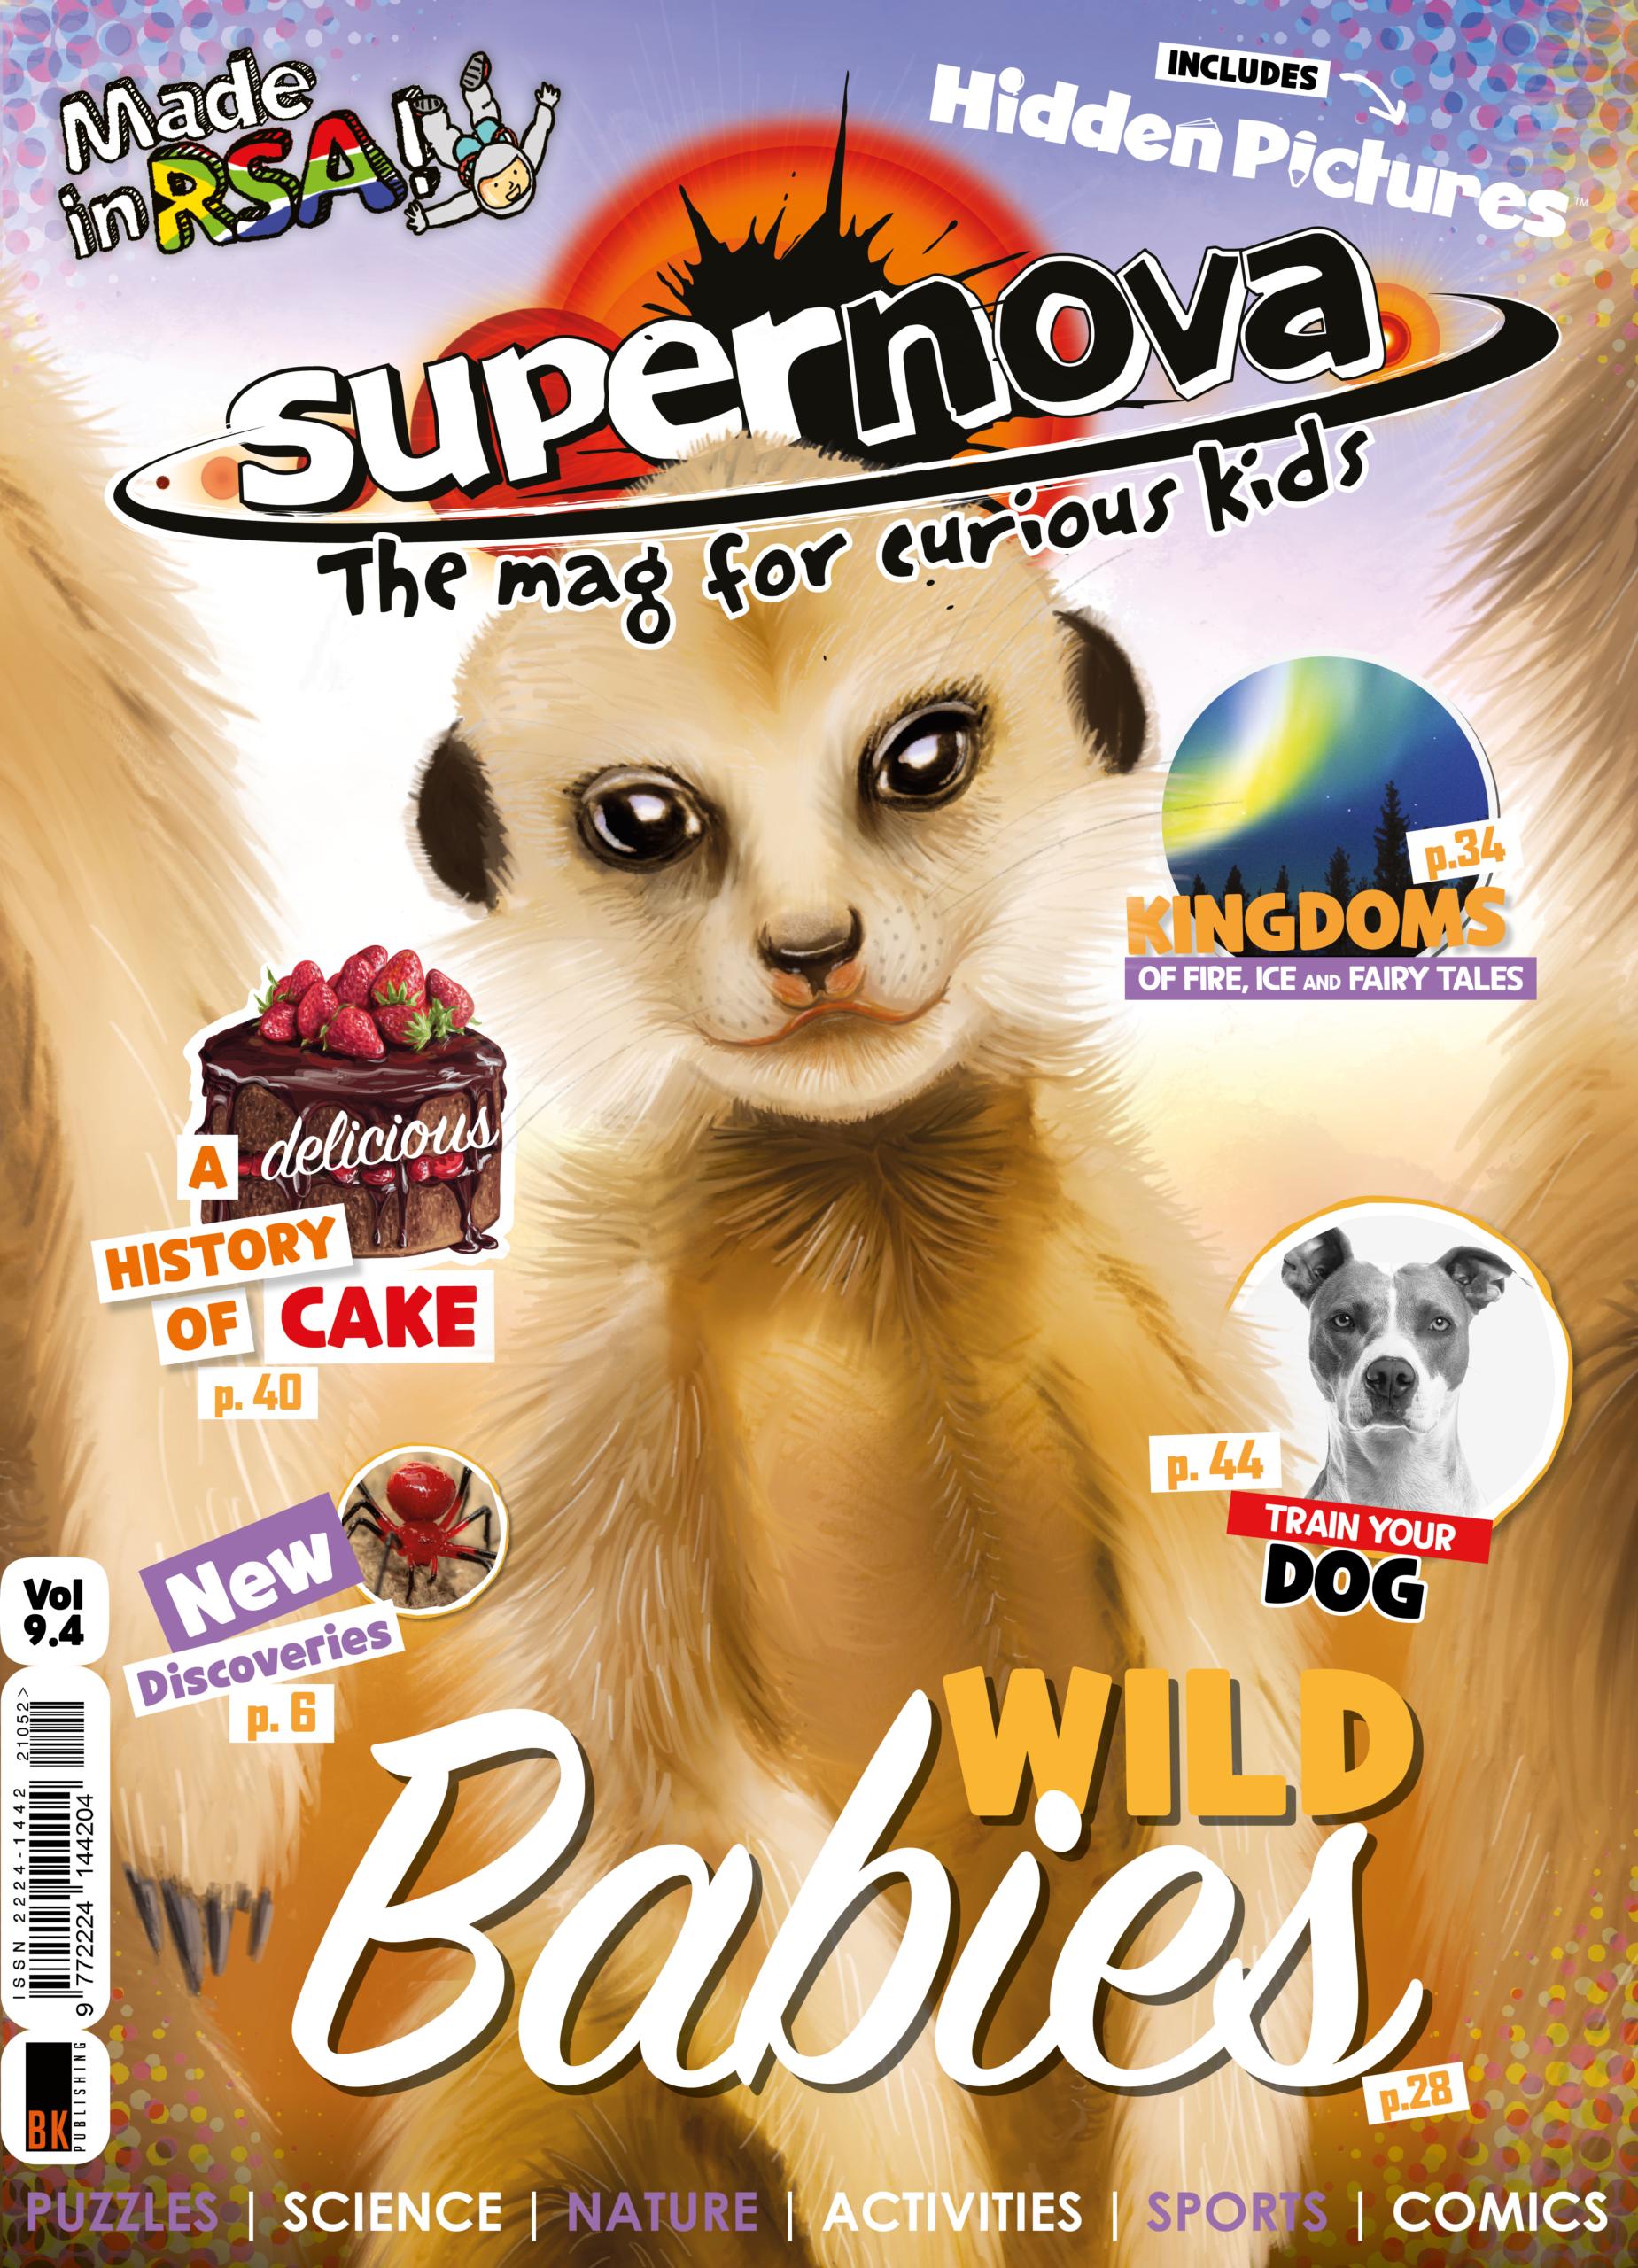 Supernova Vol 9.4 Cover